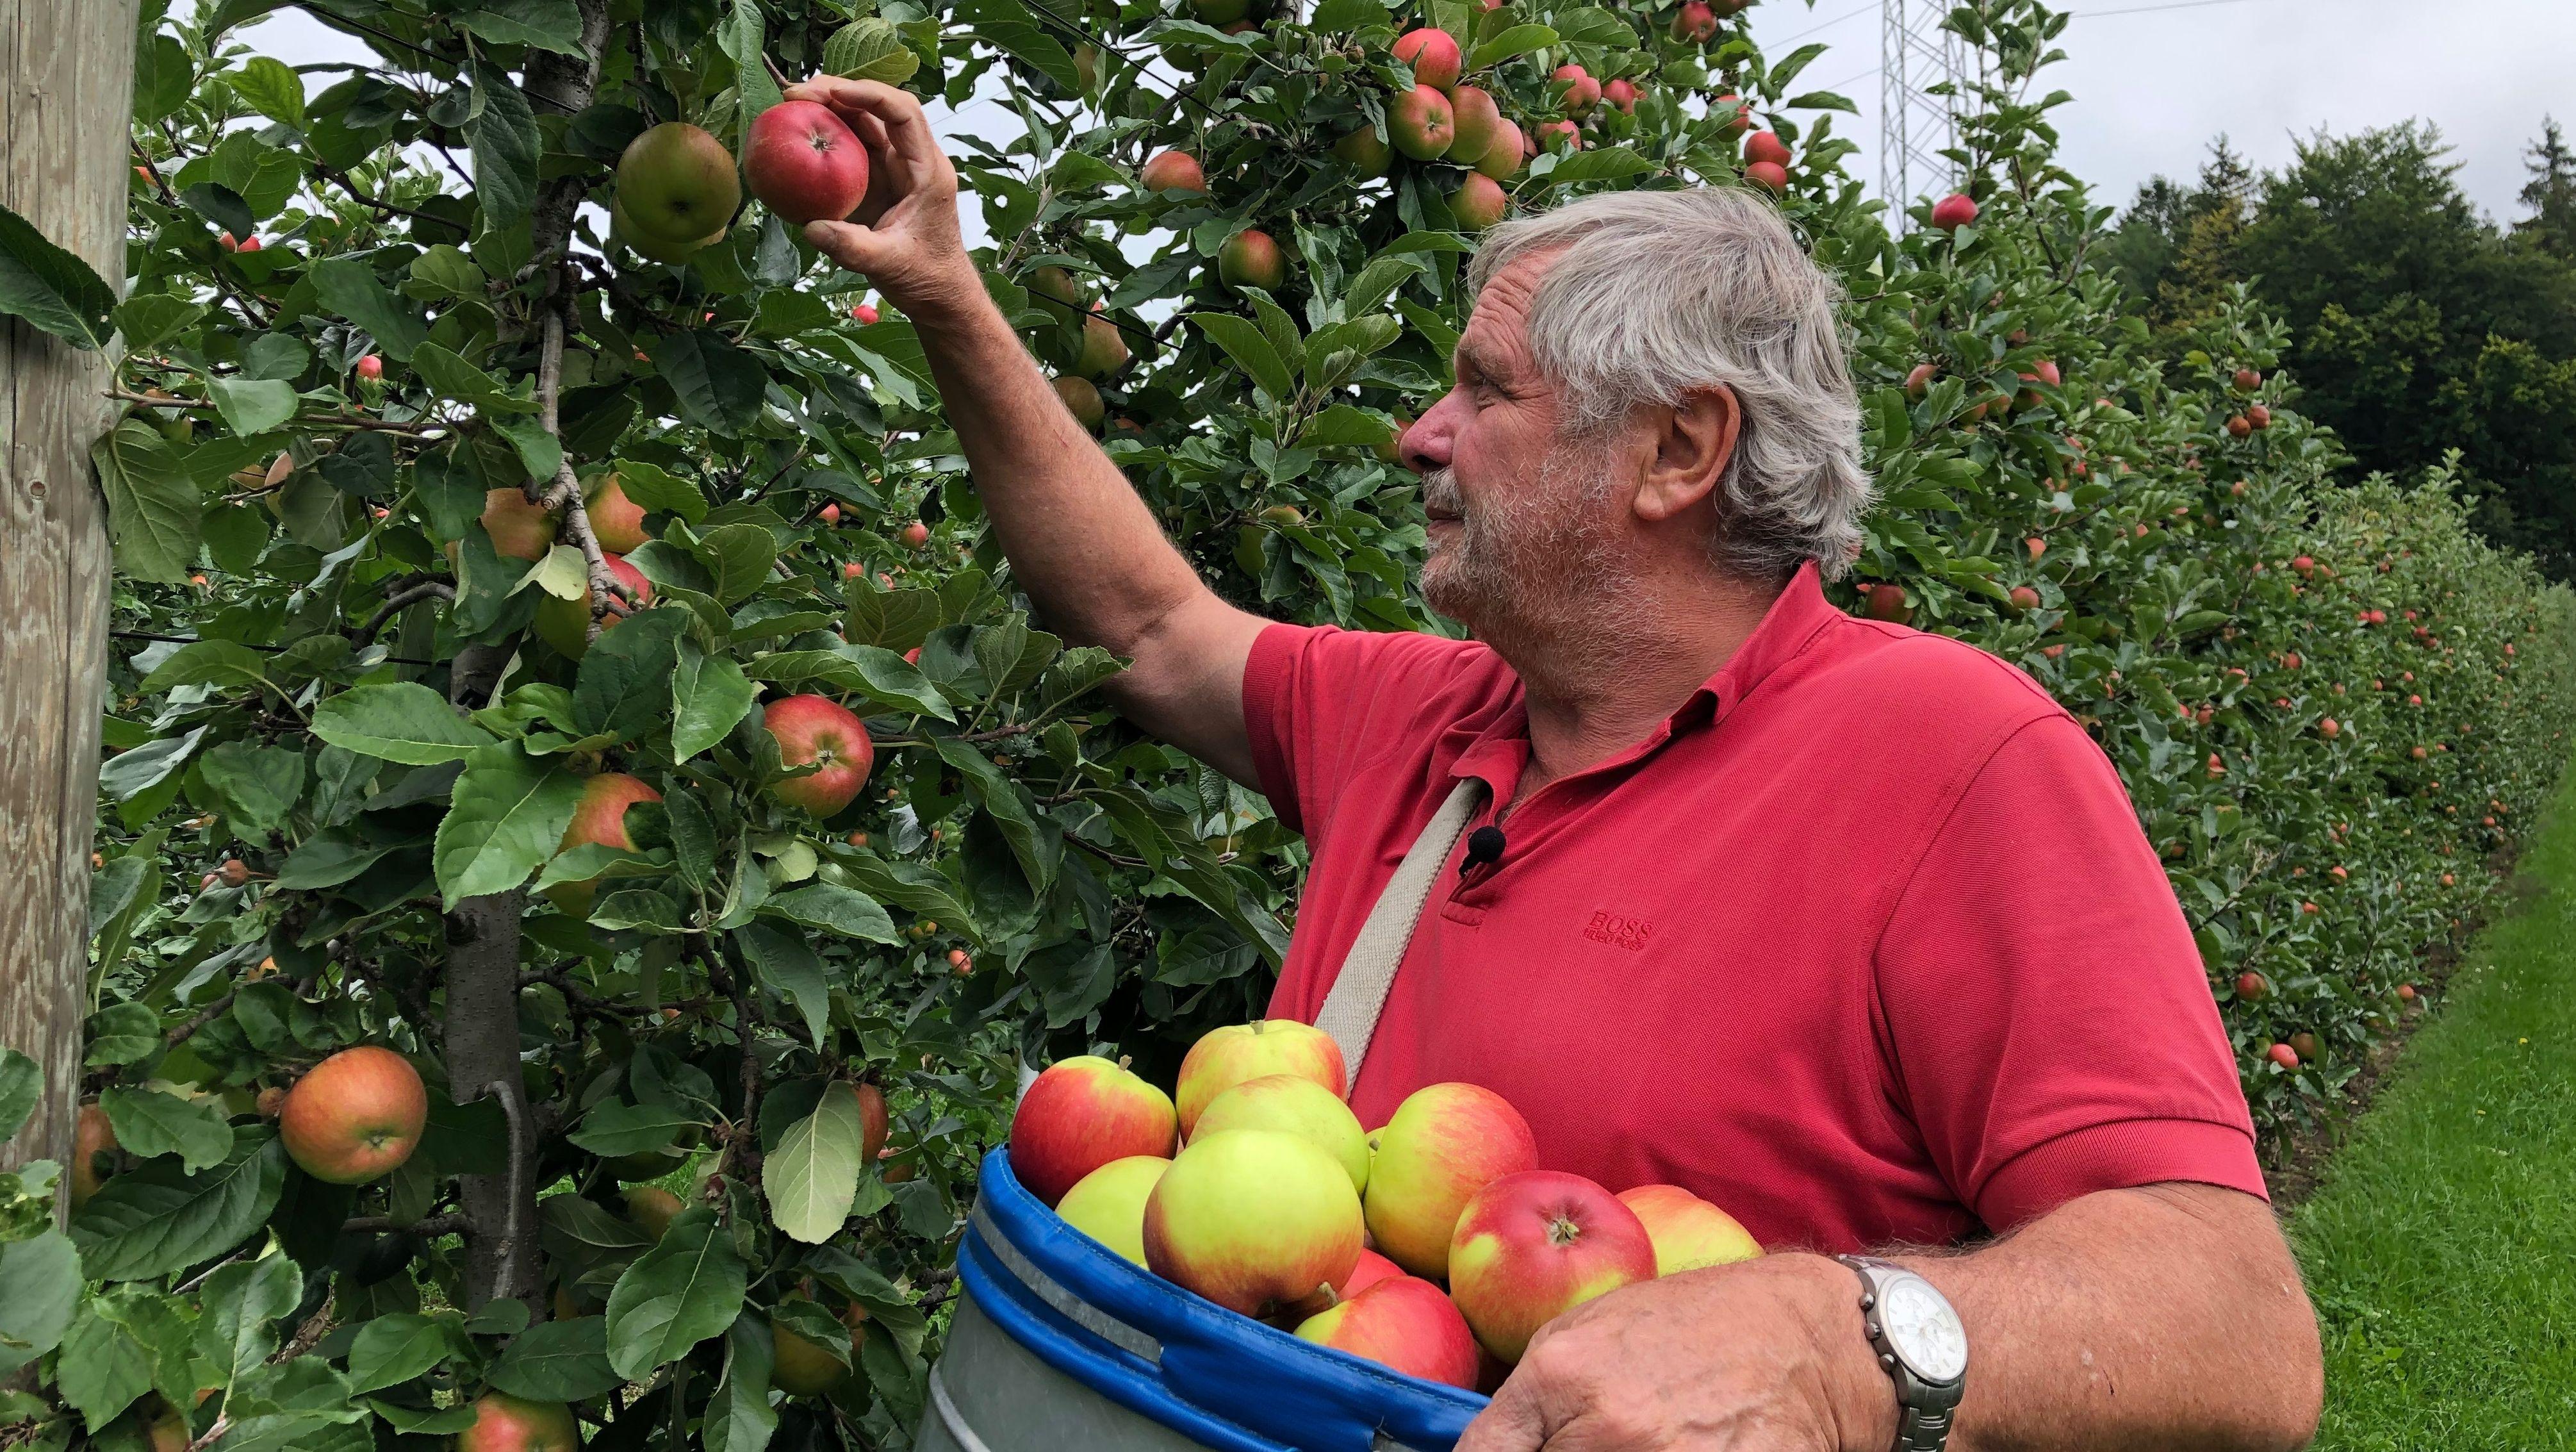 Am Bodensee beginnt die Apfelernte